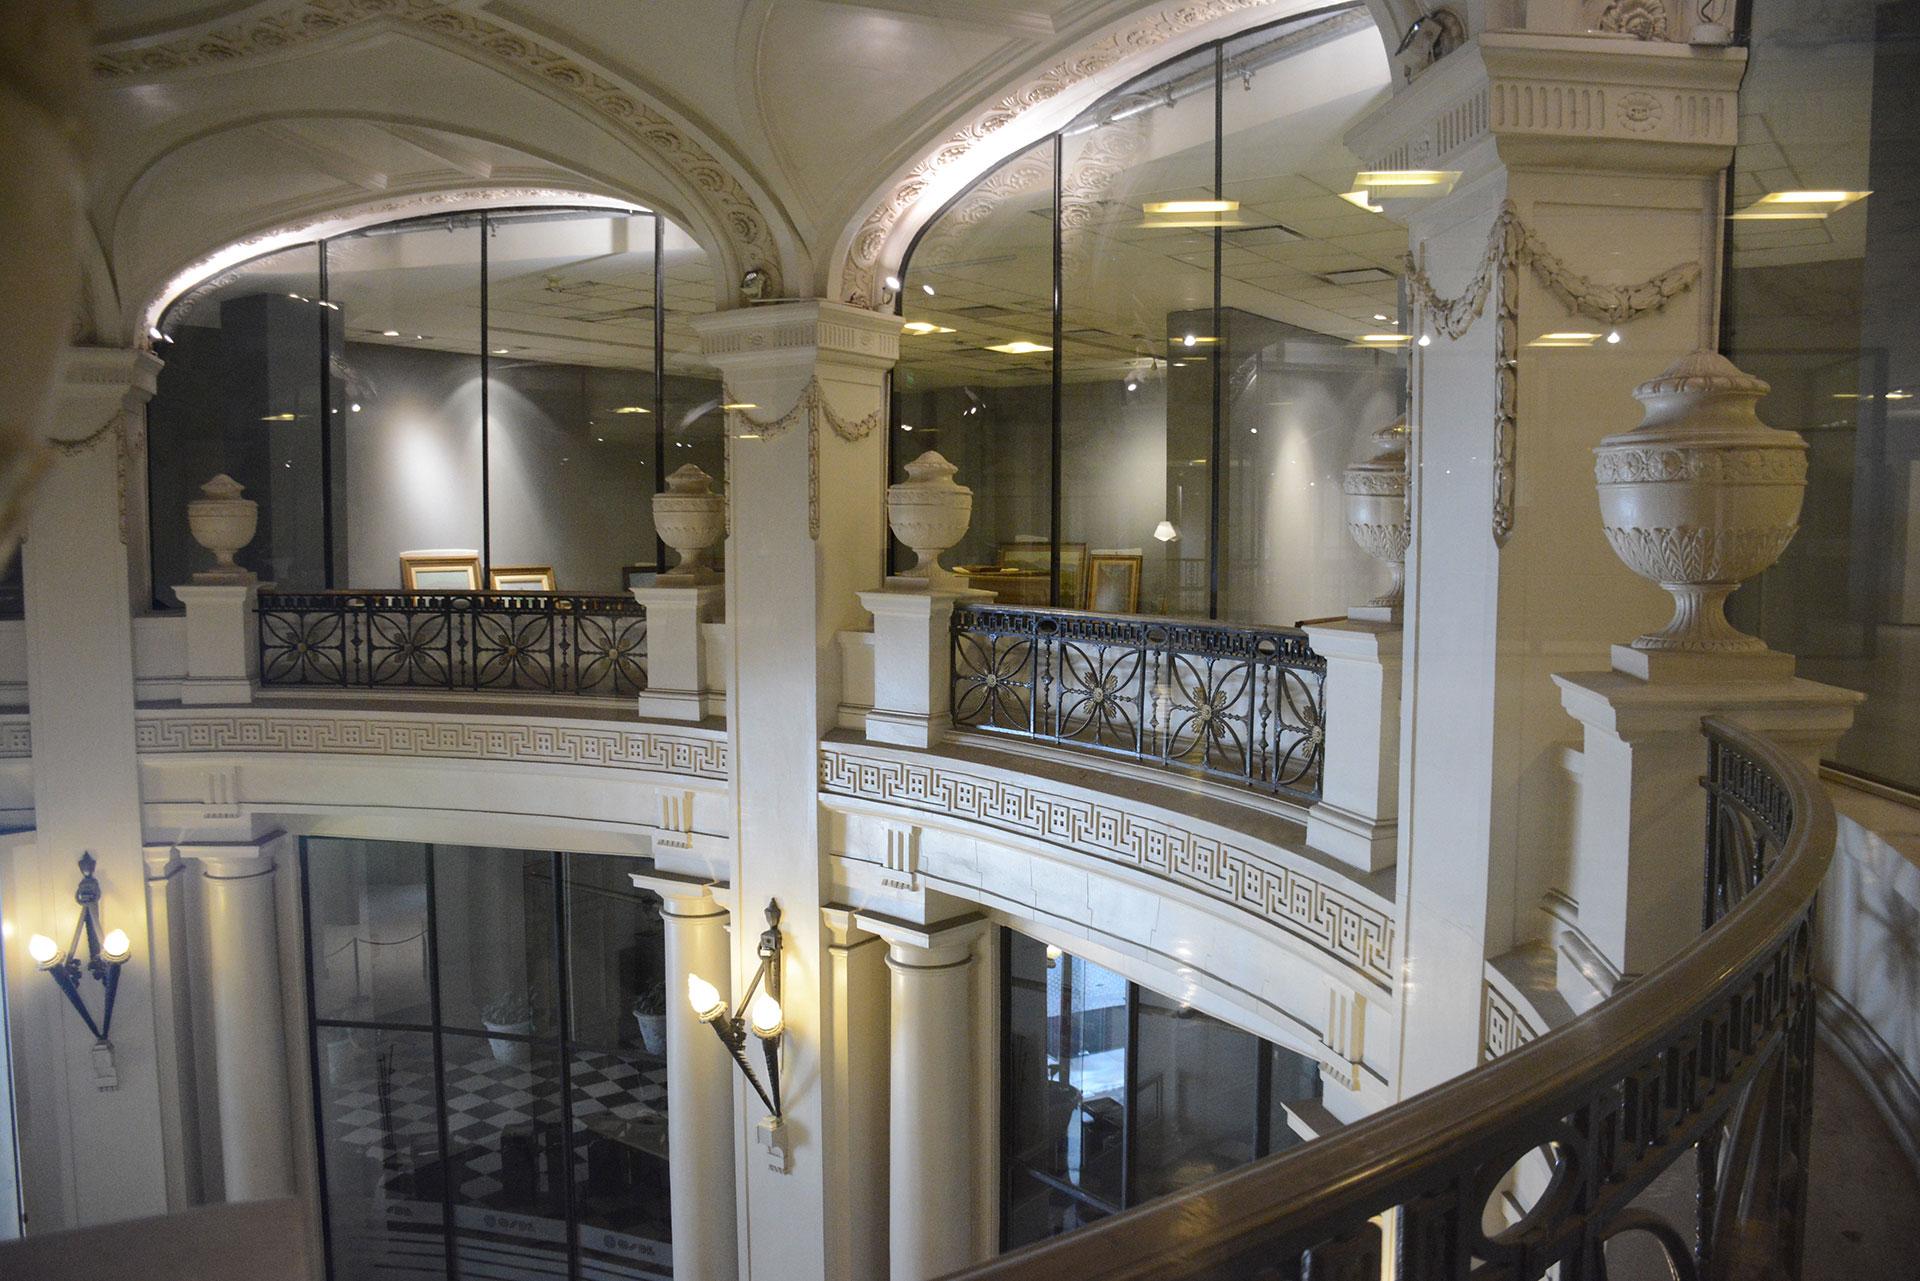 En 1948 la Fundación de Ayuda Social María Eva Duarte de Perón compra la casa para que funcione allí el Hogar de Tránsito Nº 2. En 1999, la casa fue asignada al INIHEP, dependiente del Ministerio de Cultura de la Nación. El Museo fue inaugurado el 26 de julio de 2002 al cumplirse 50 años de la muerte de Evita.